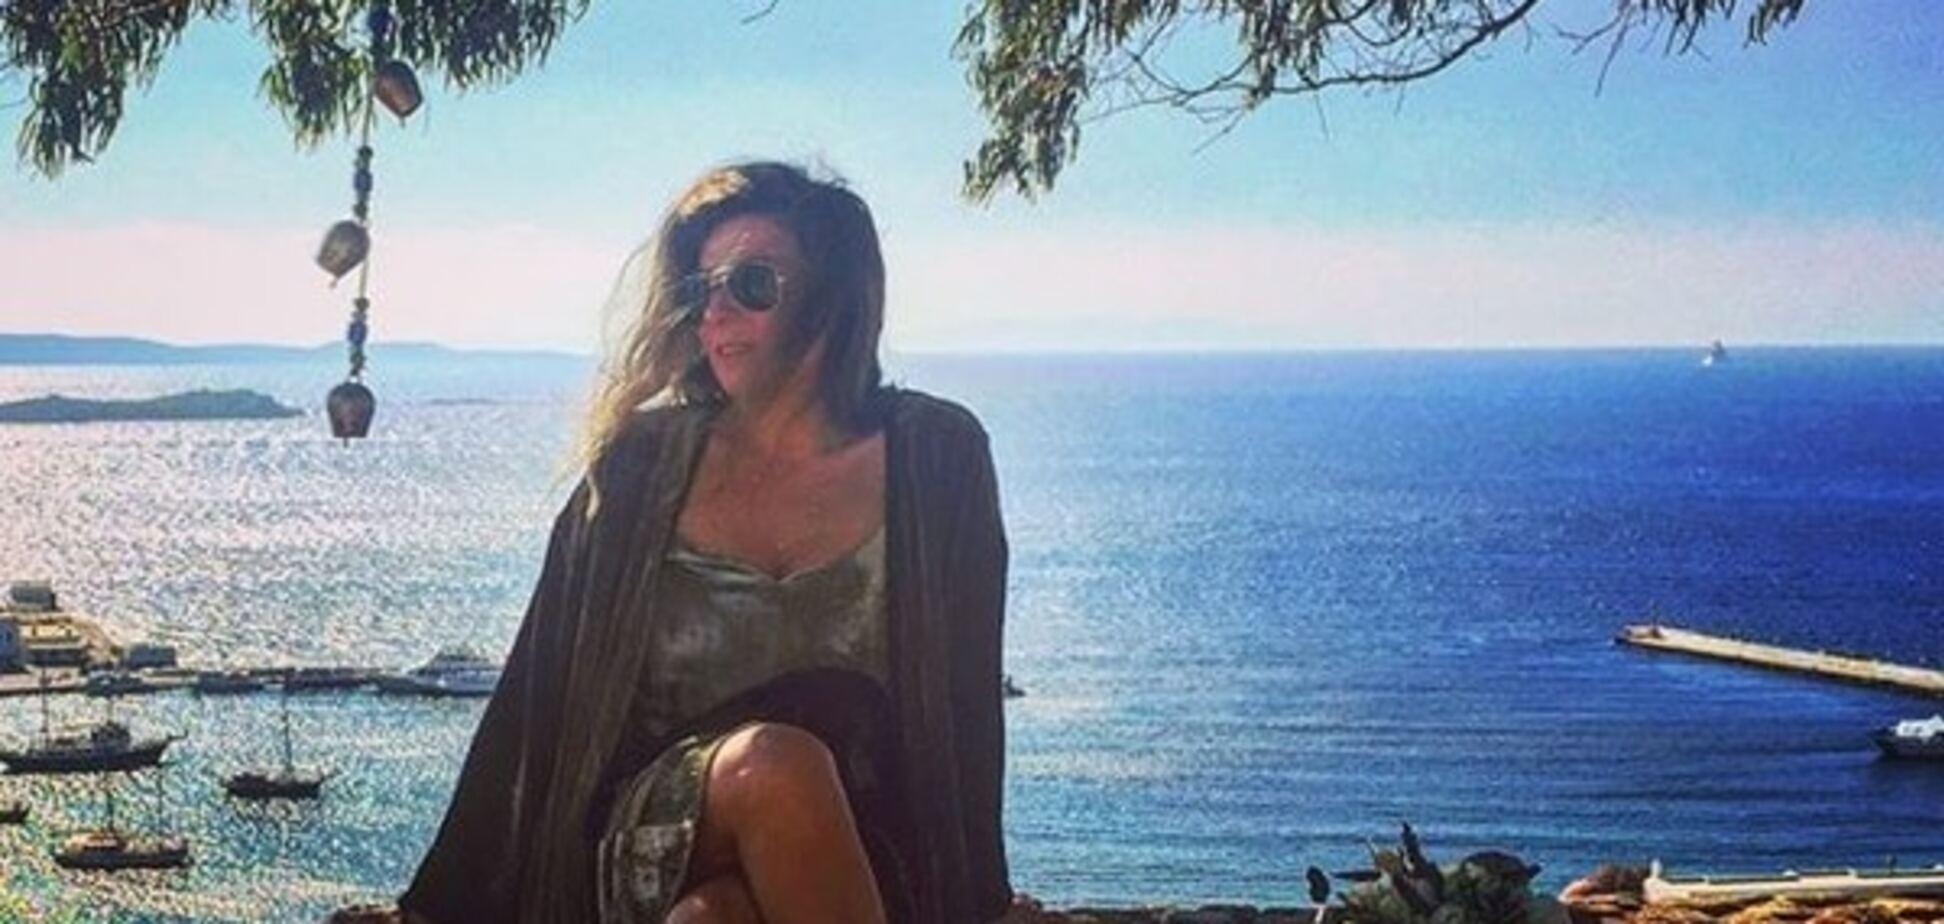 Когда работа в радость: Жанна Бадоева показала счастливые мгновения в Греции